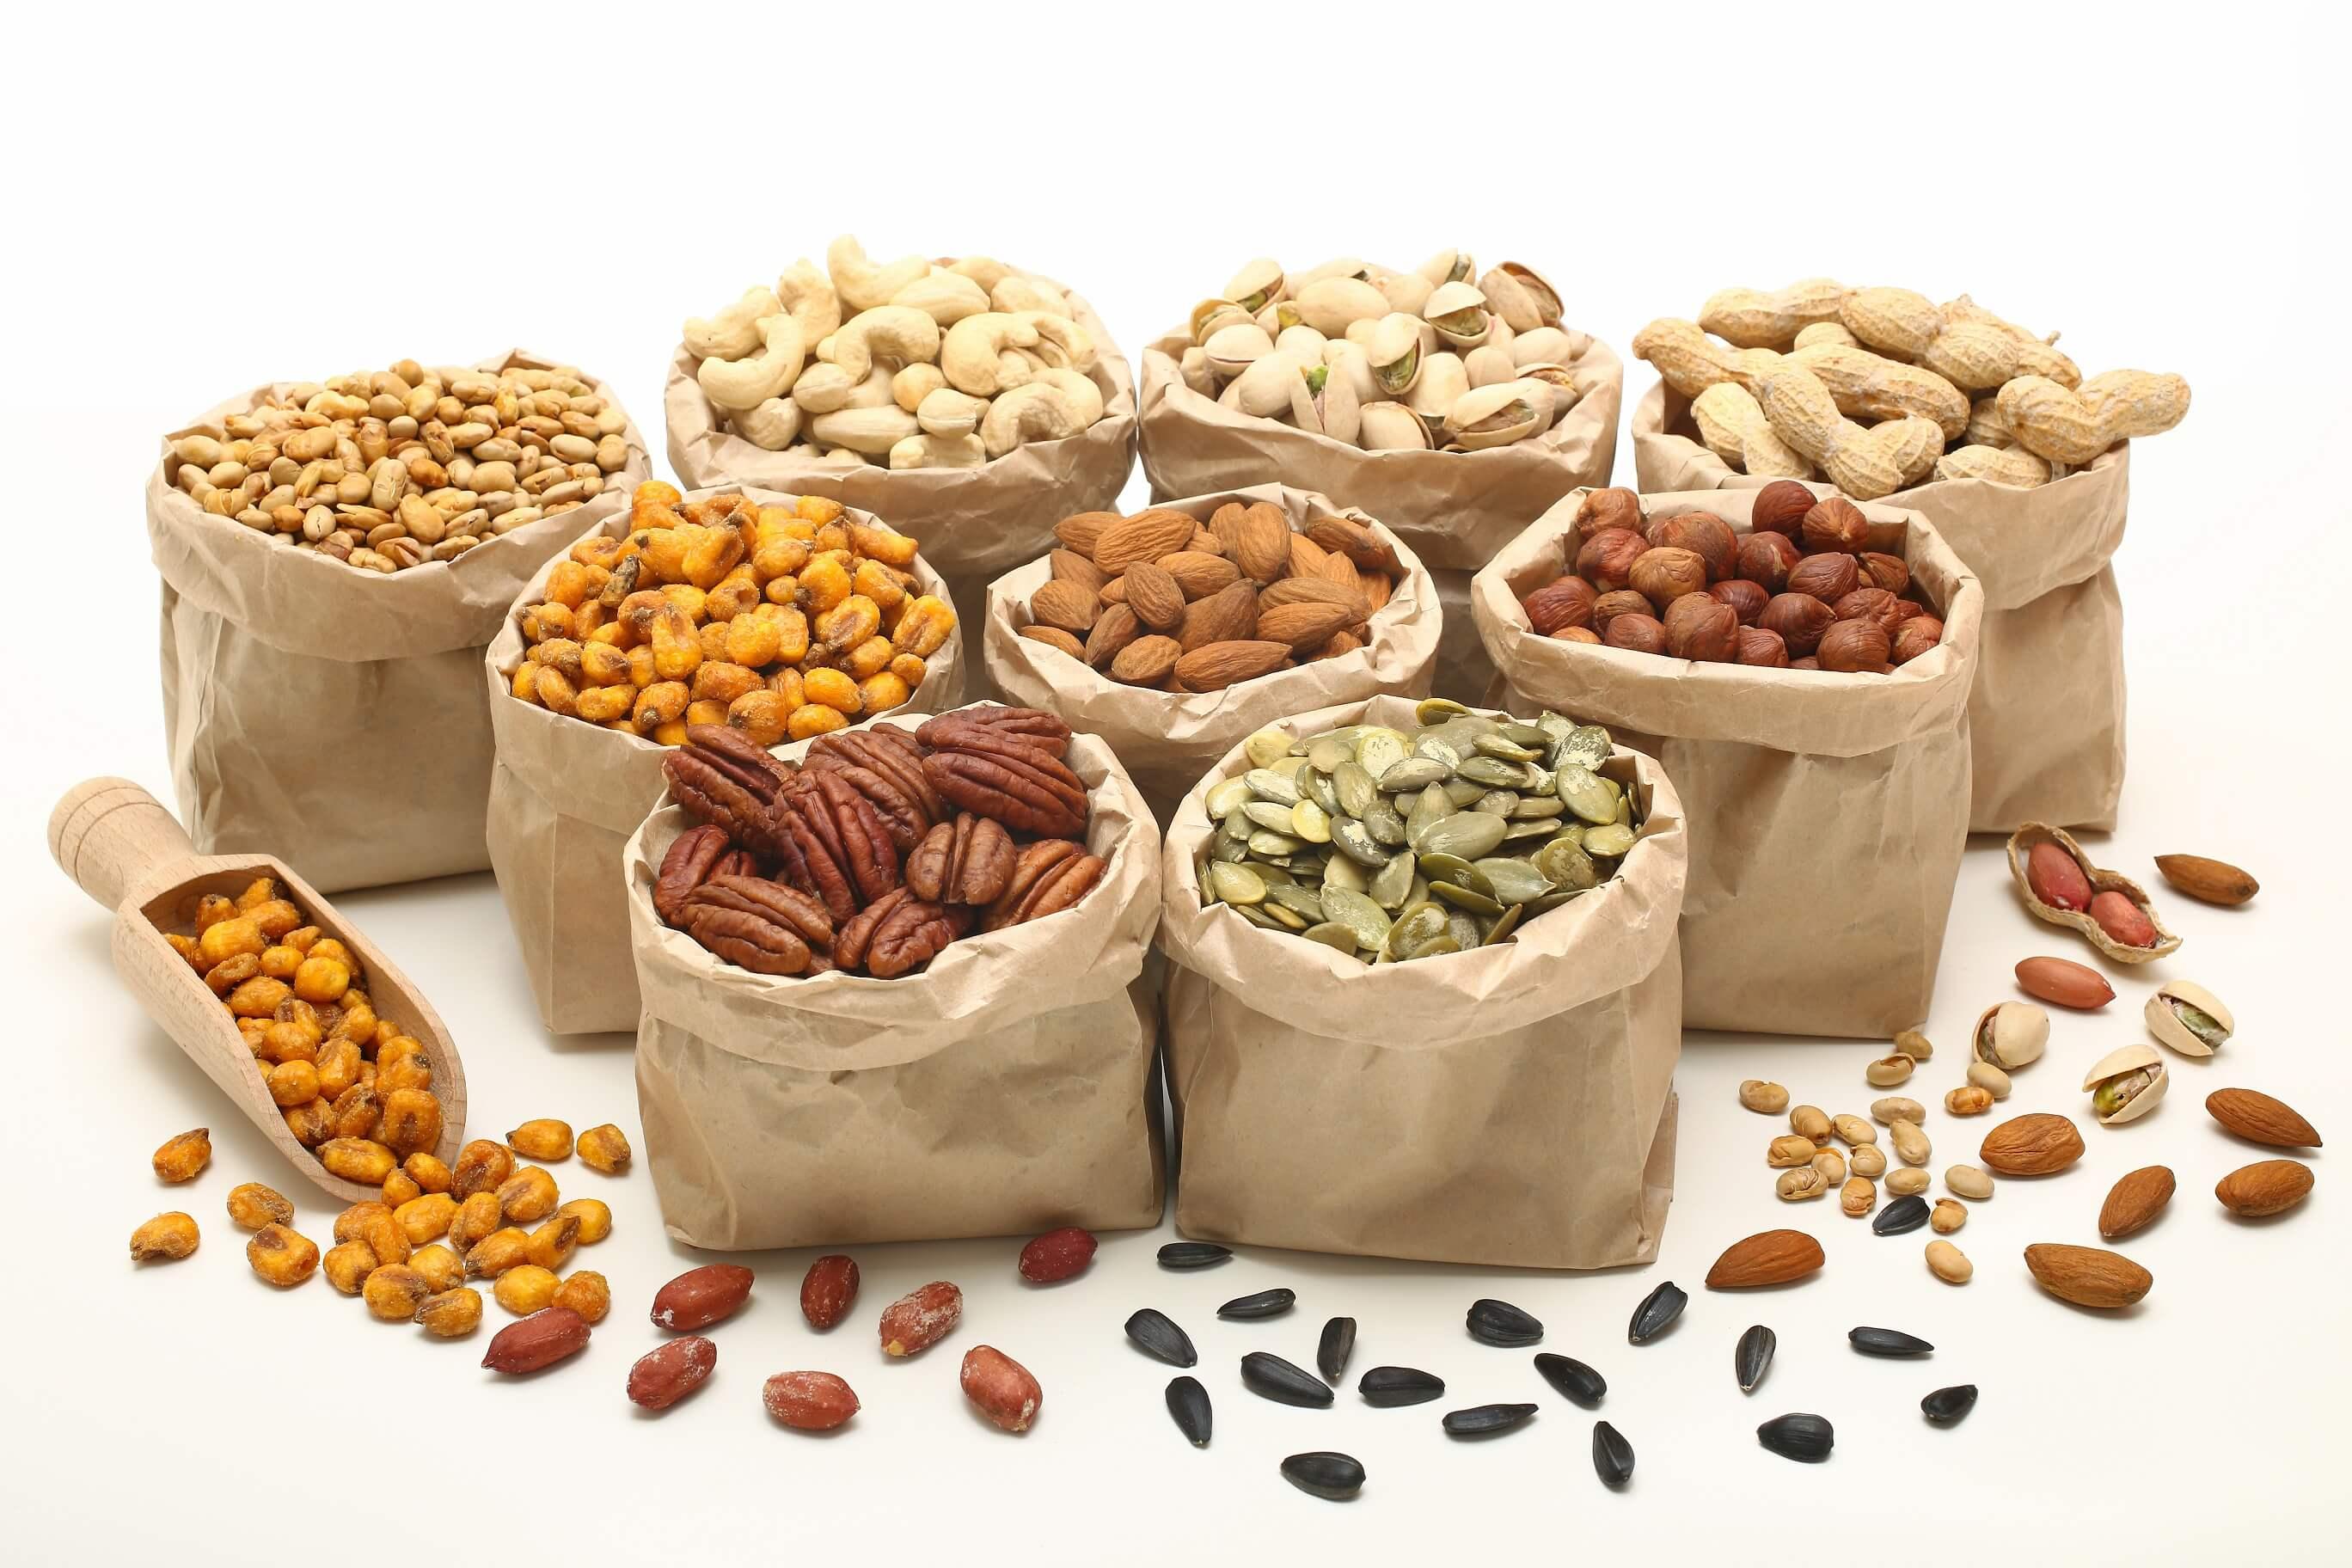 користь горіхів у раціоні дитини